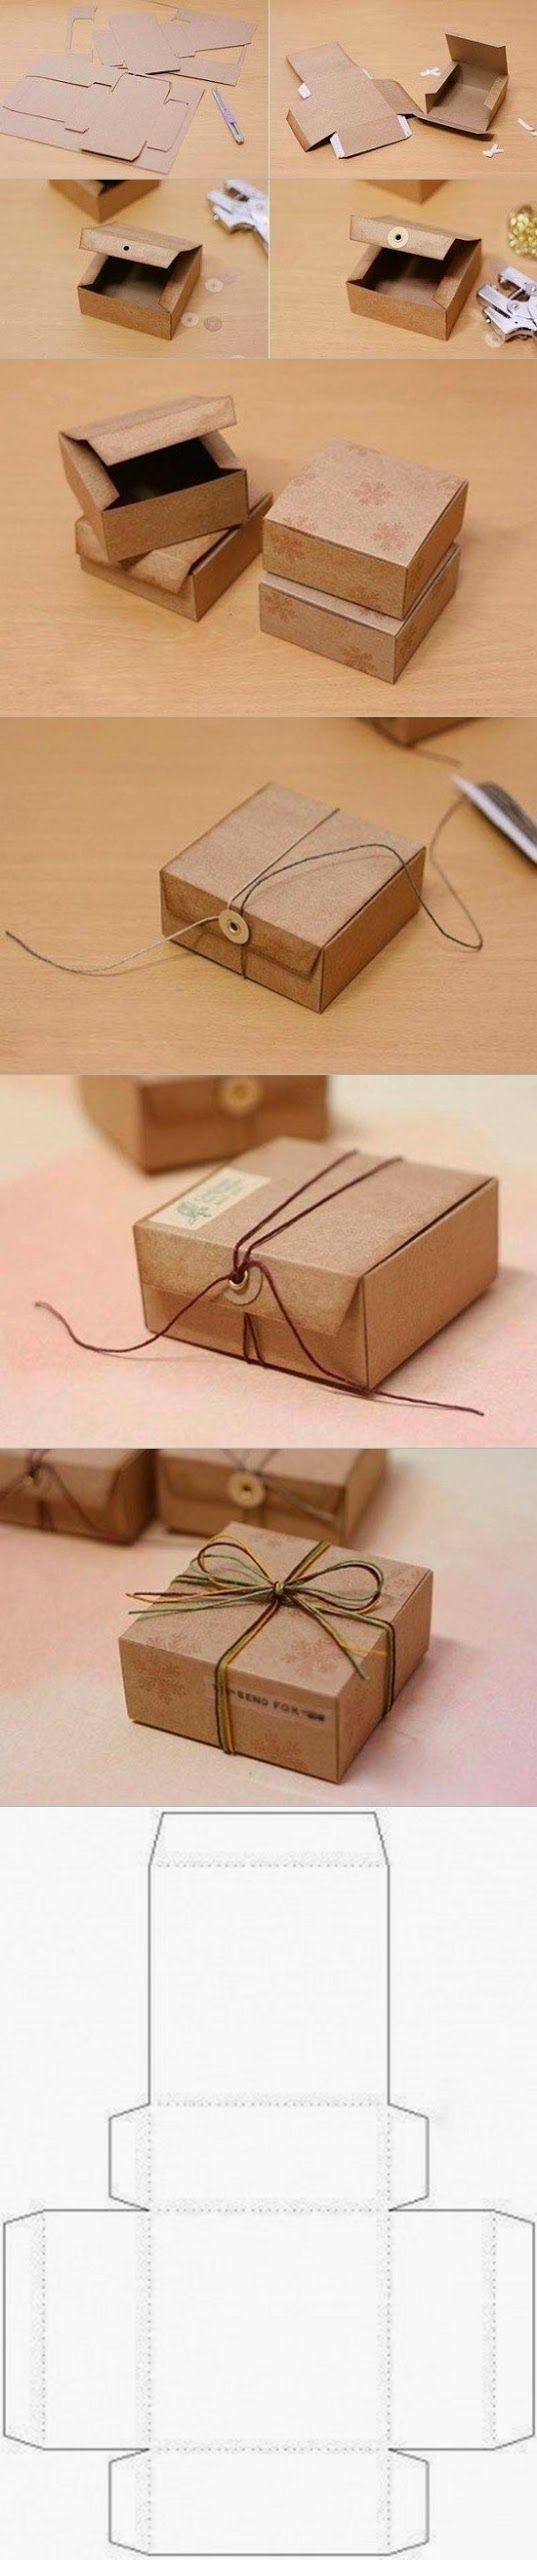 Comment fabriquer une boite cadeau